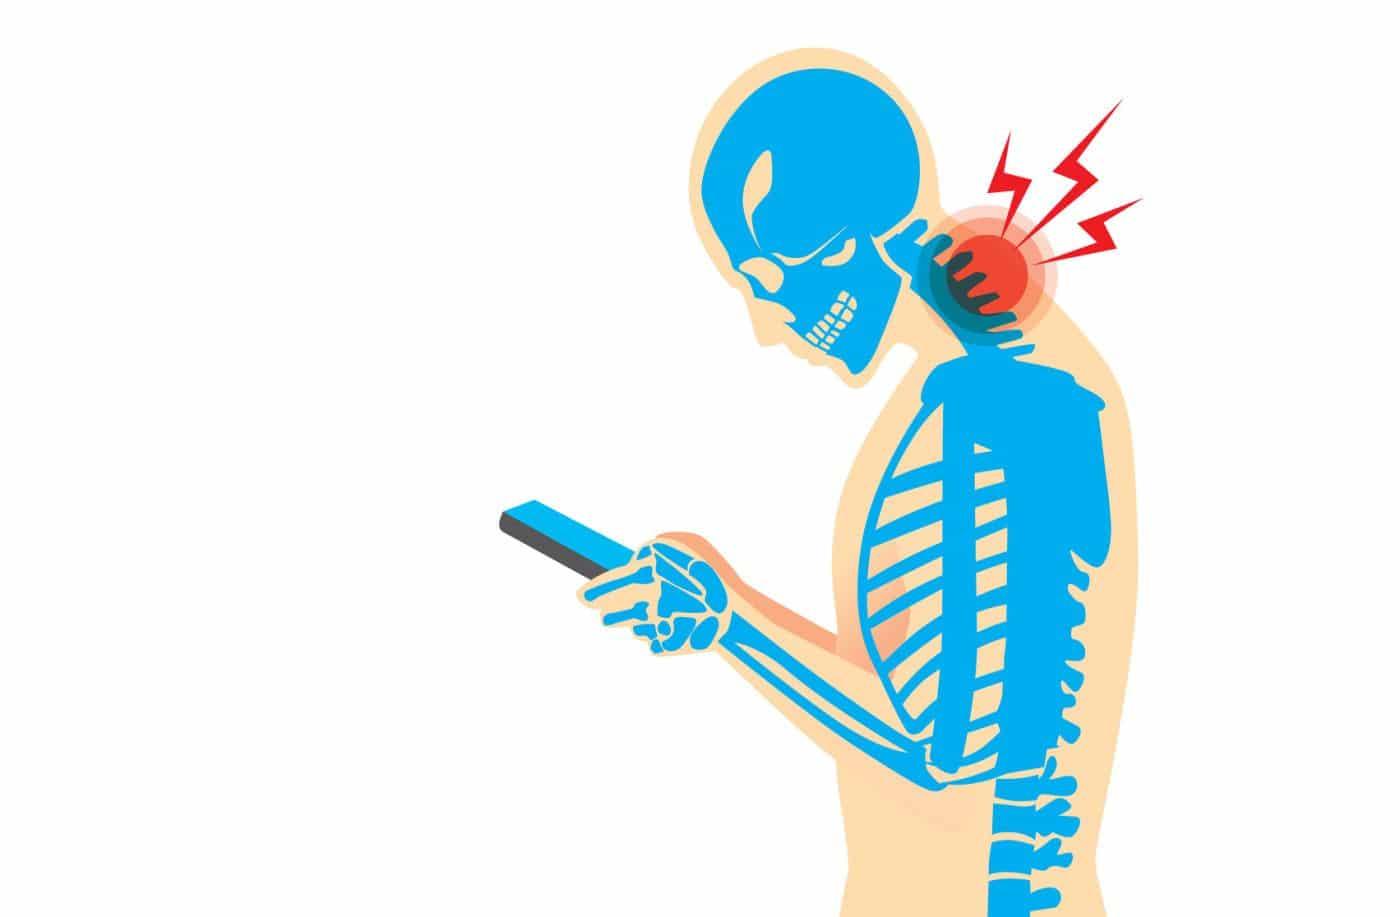 Huesos del cuello: sobresalido, anatomía, sus partes, inflamación y más